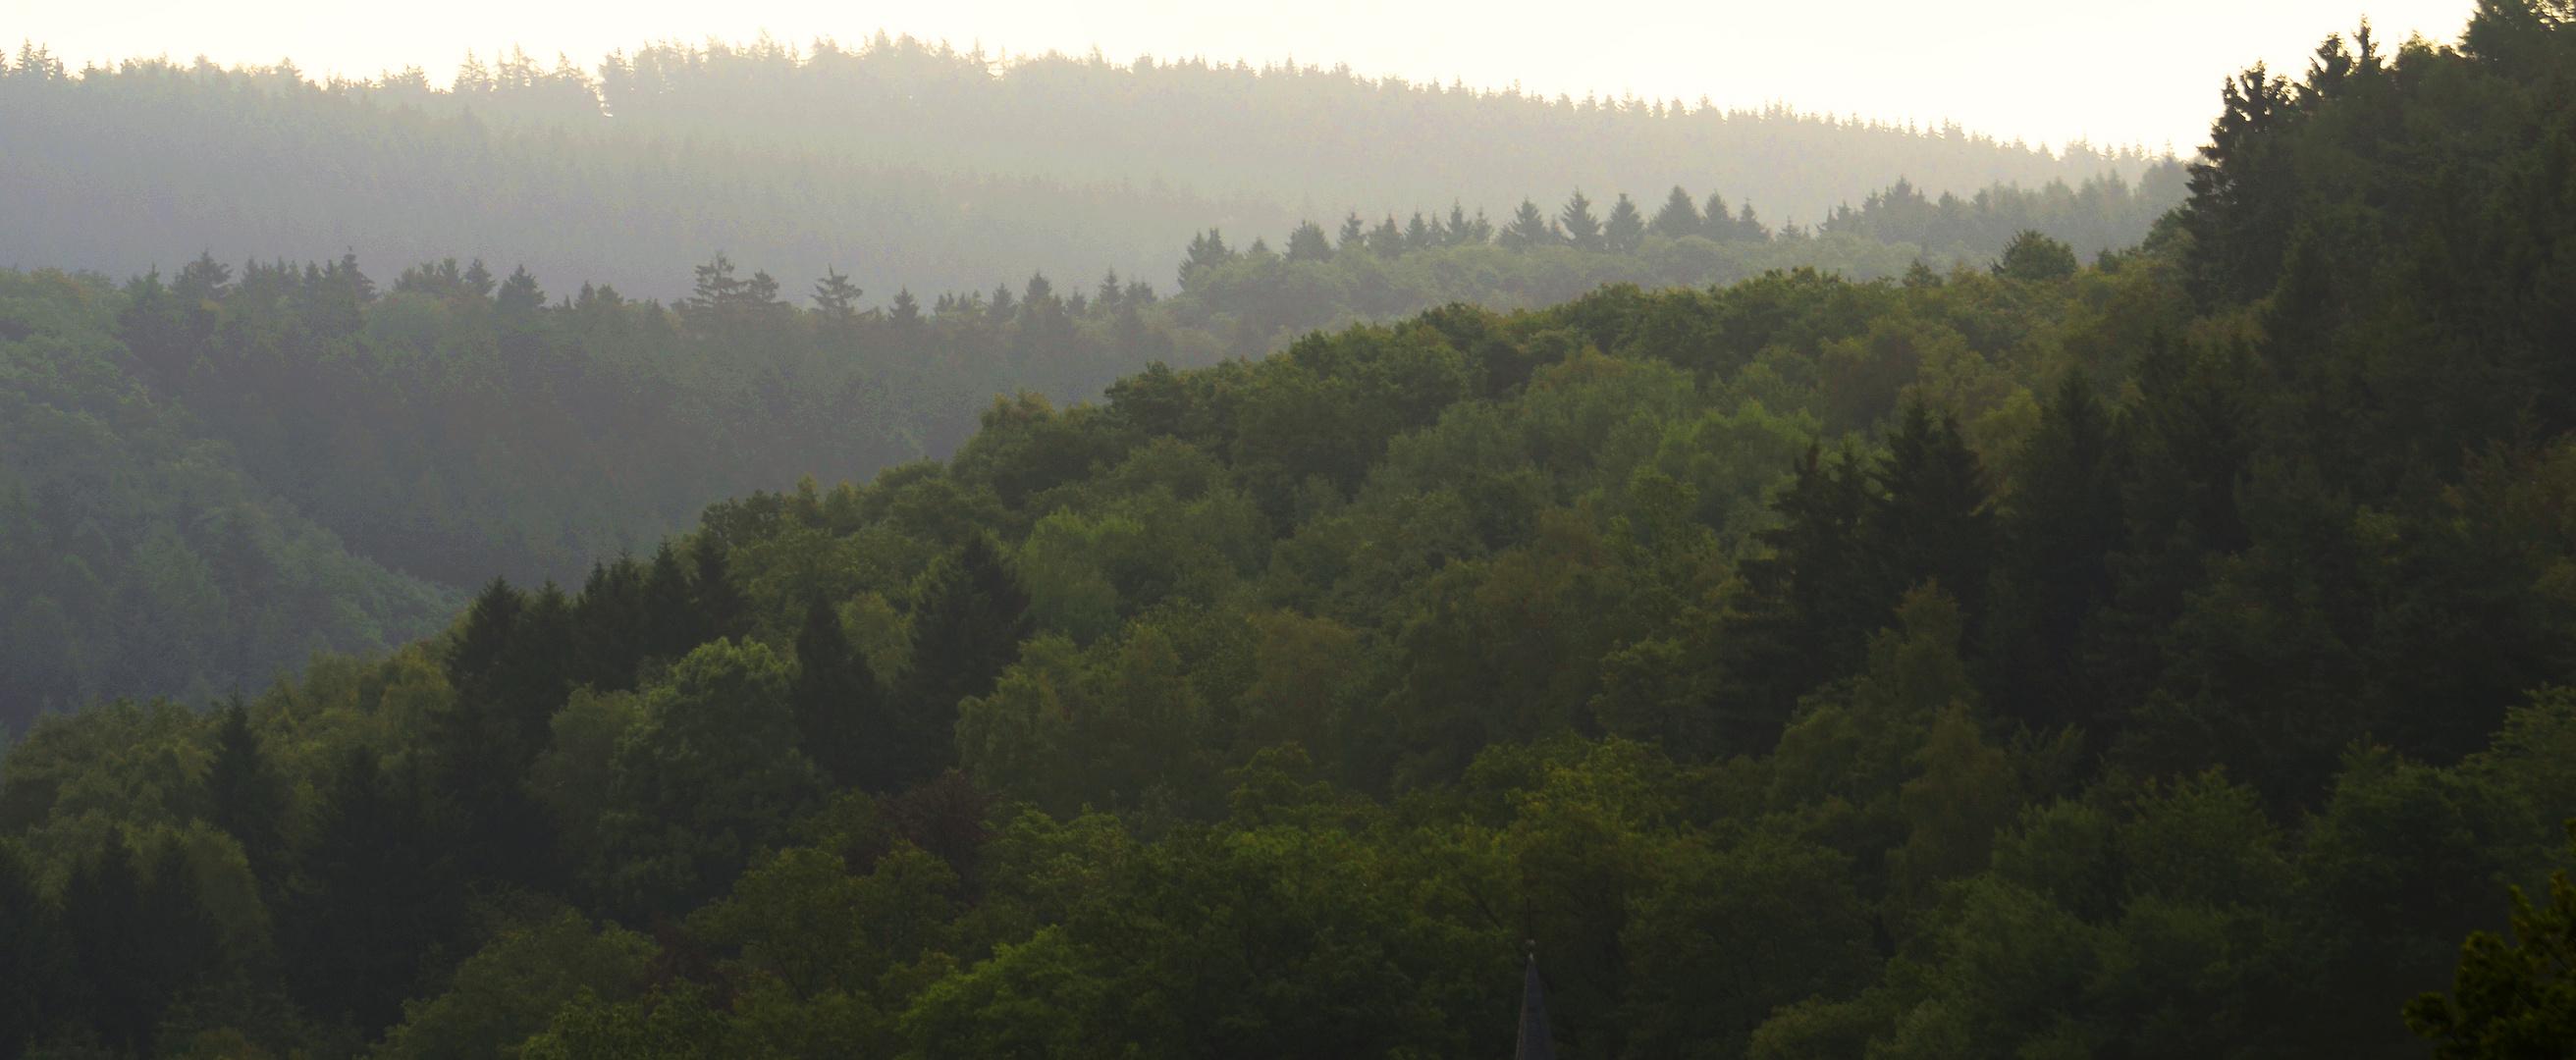 Mischwald auf Hügeln des Sauerlandes